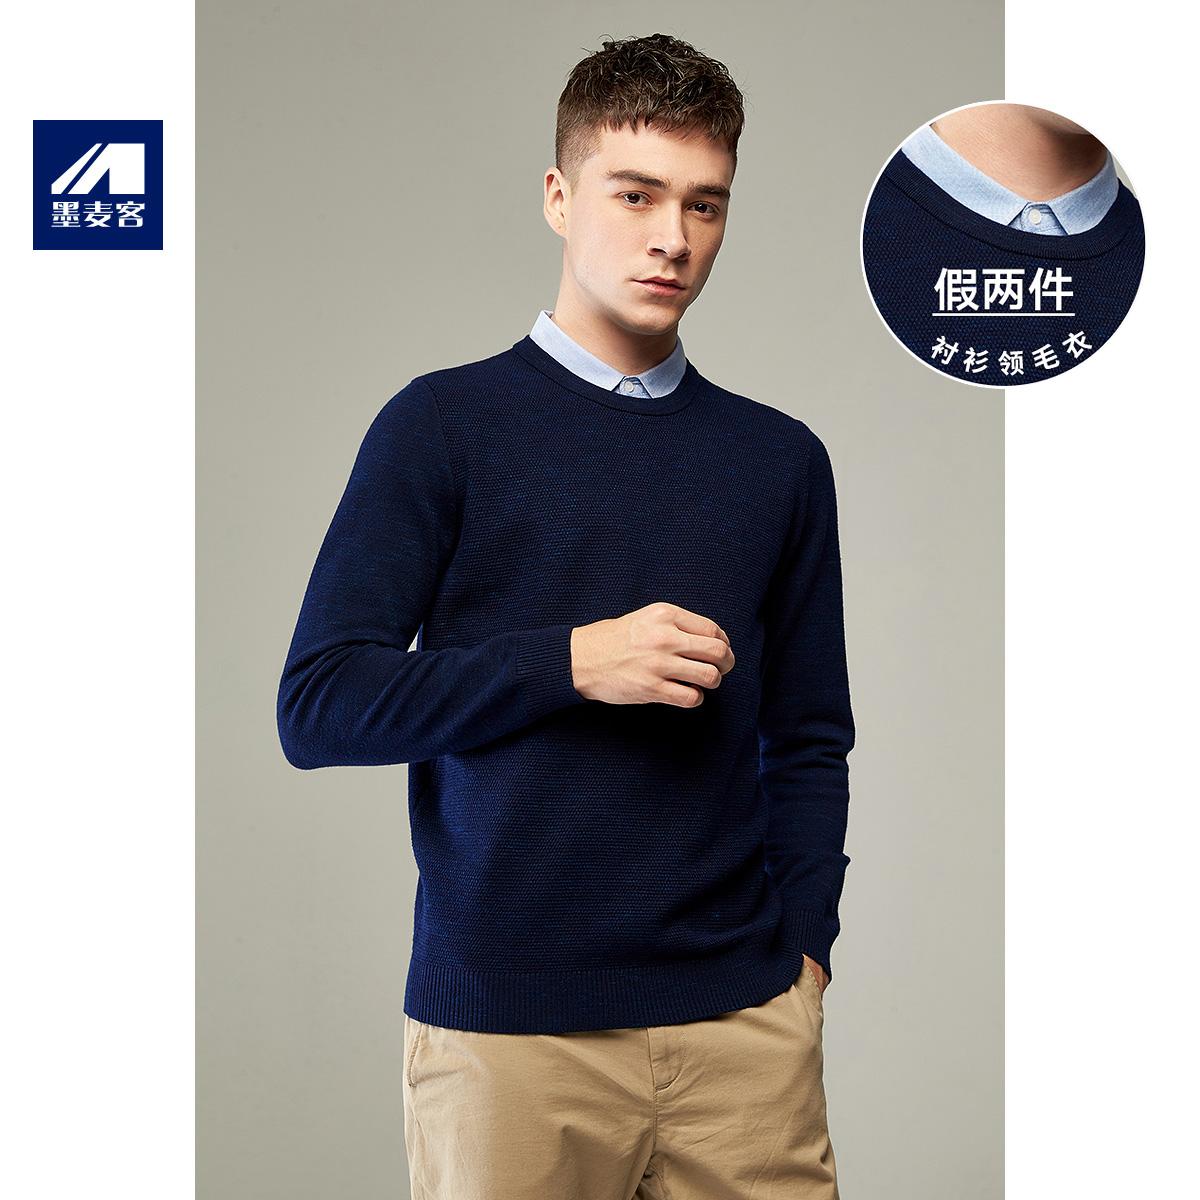 墨麦客男装秋冬季加绒加厚假两件套头毛衣男士衬衫领针织衫外套潮